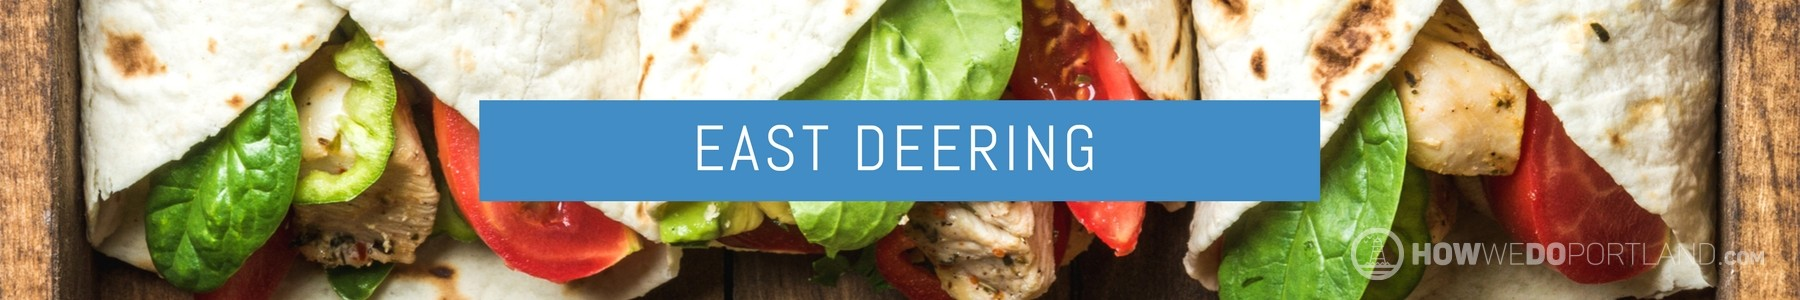 East Deering